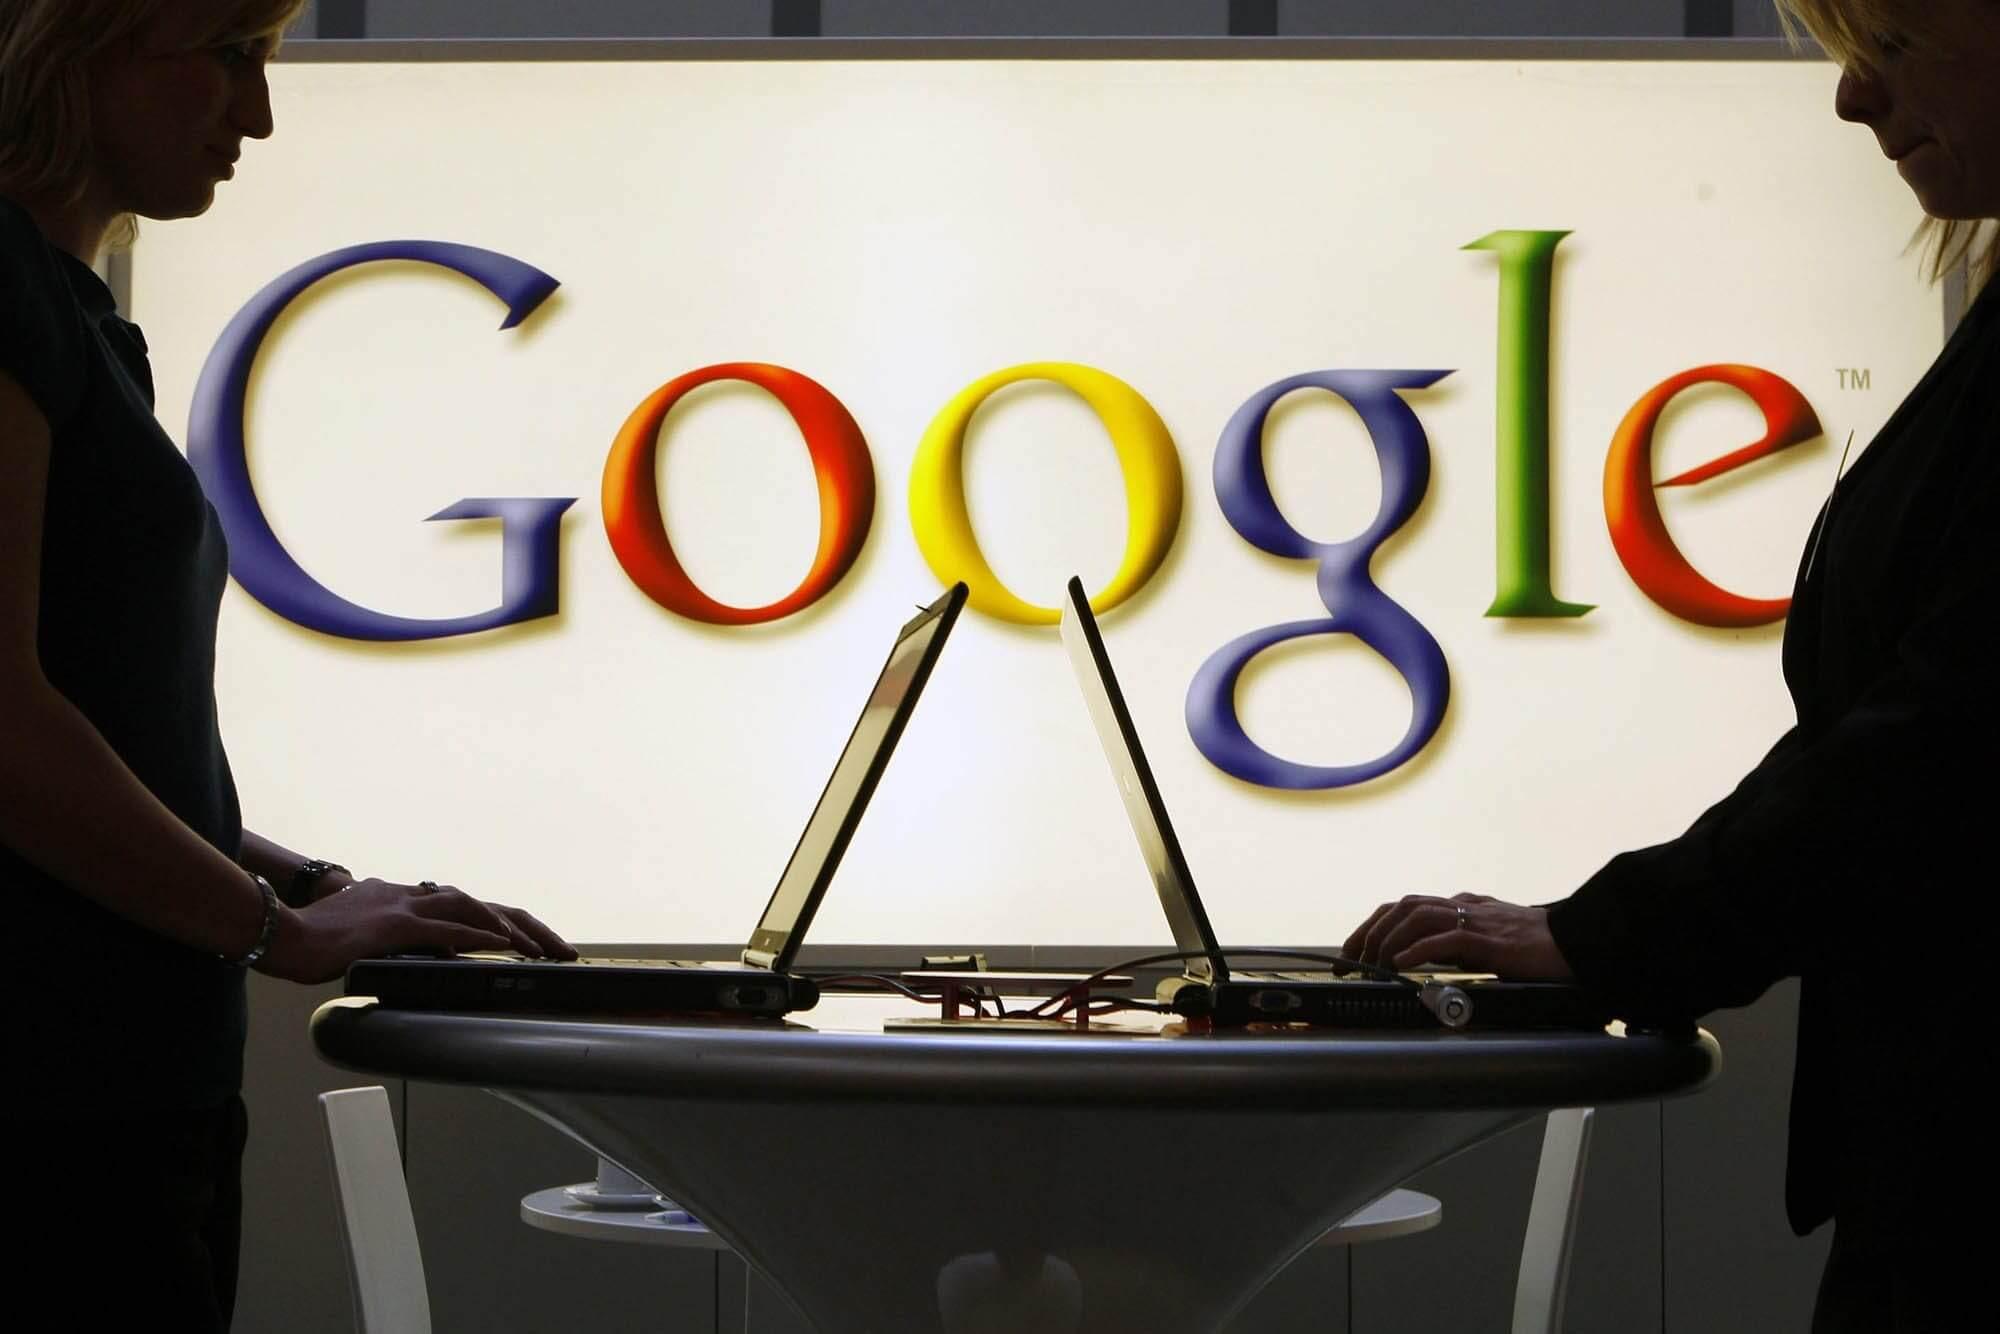 smt googletv capa